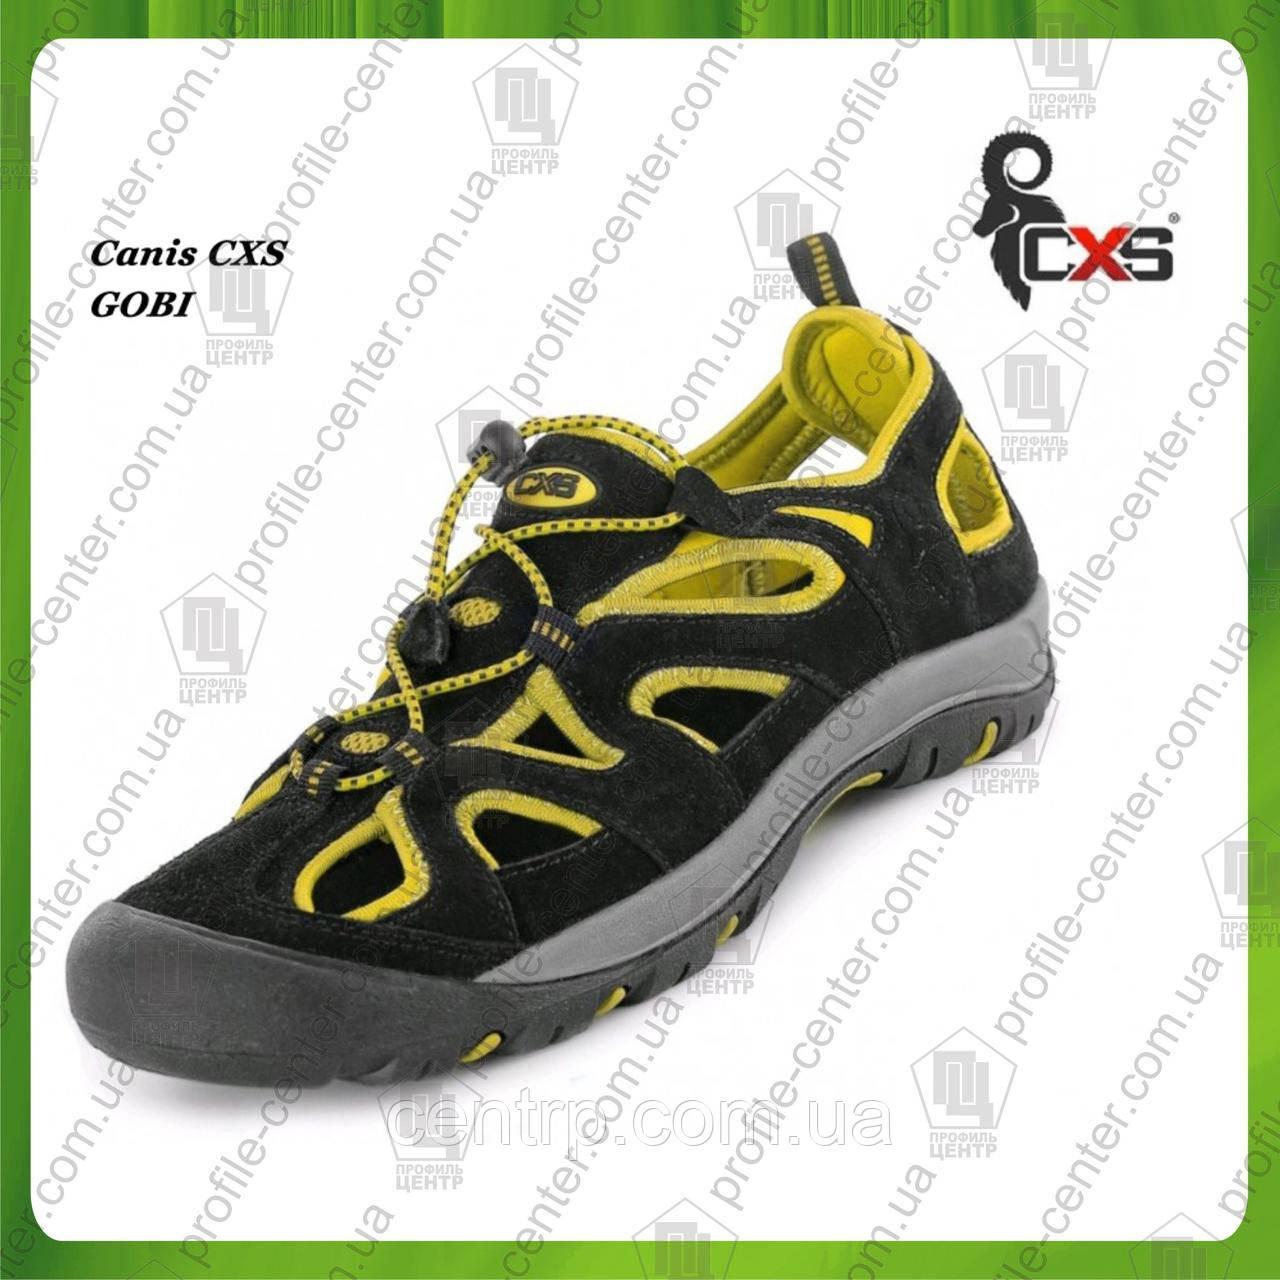 Сандали треккинговые CANIS CXS GOBI 802 (нат.замша)